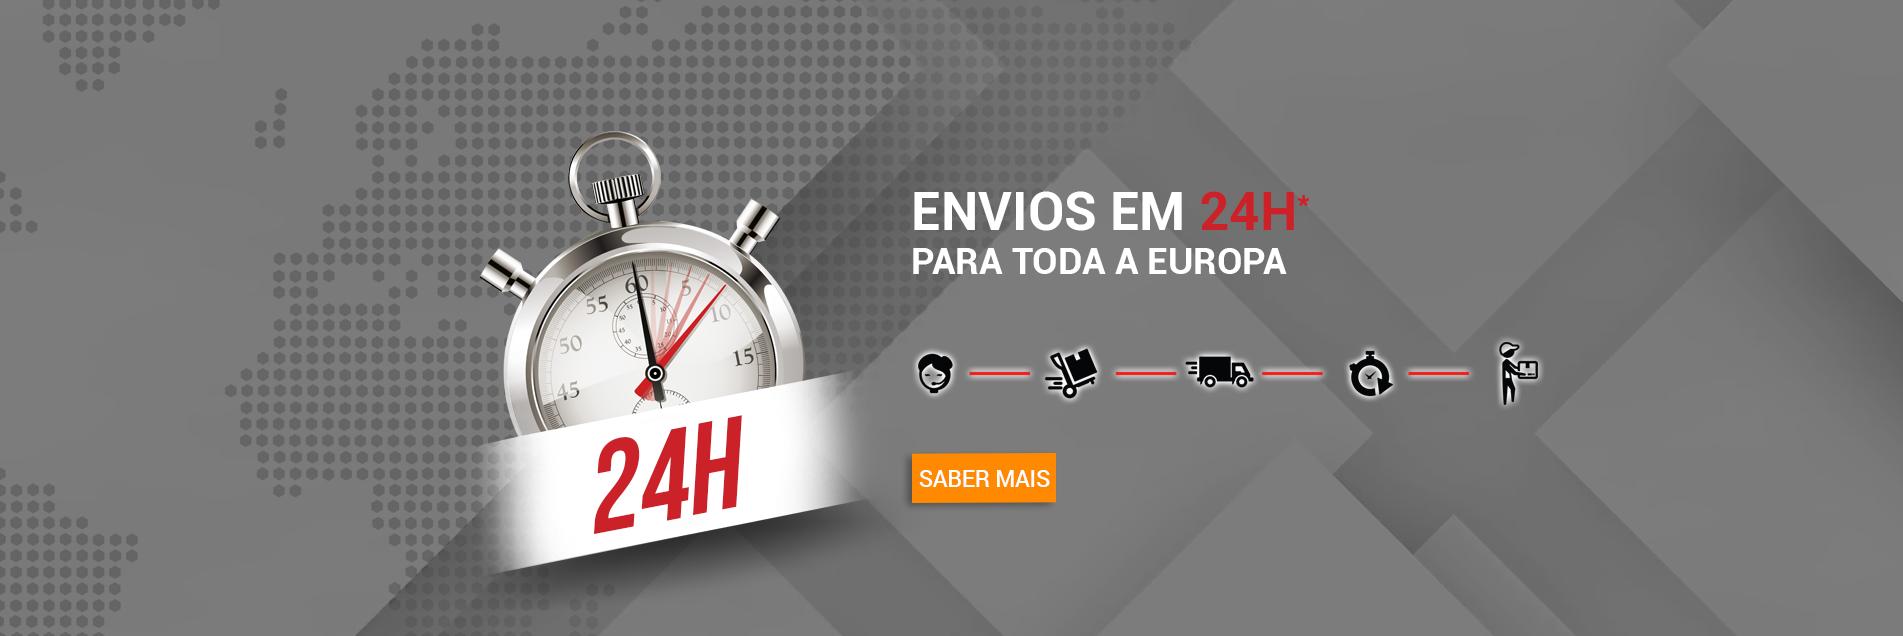 envios em 24h para toda a europa